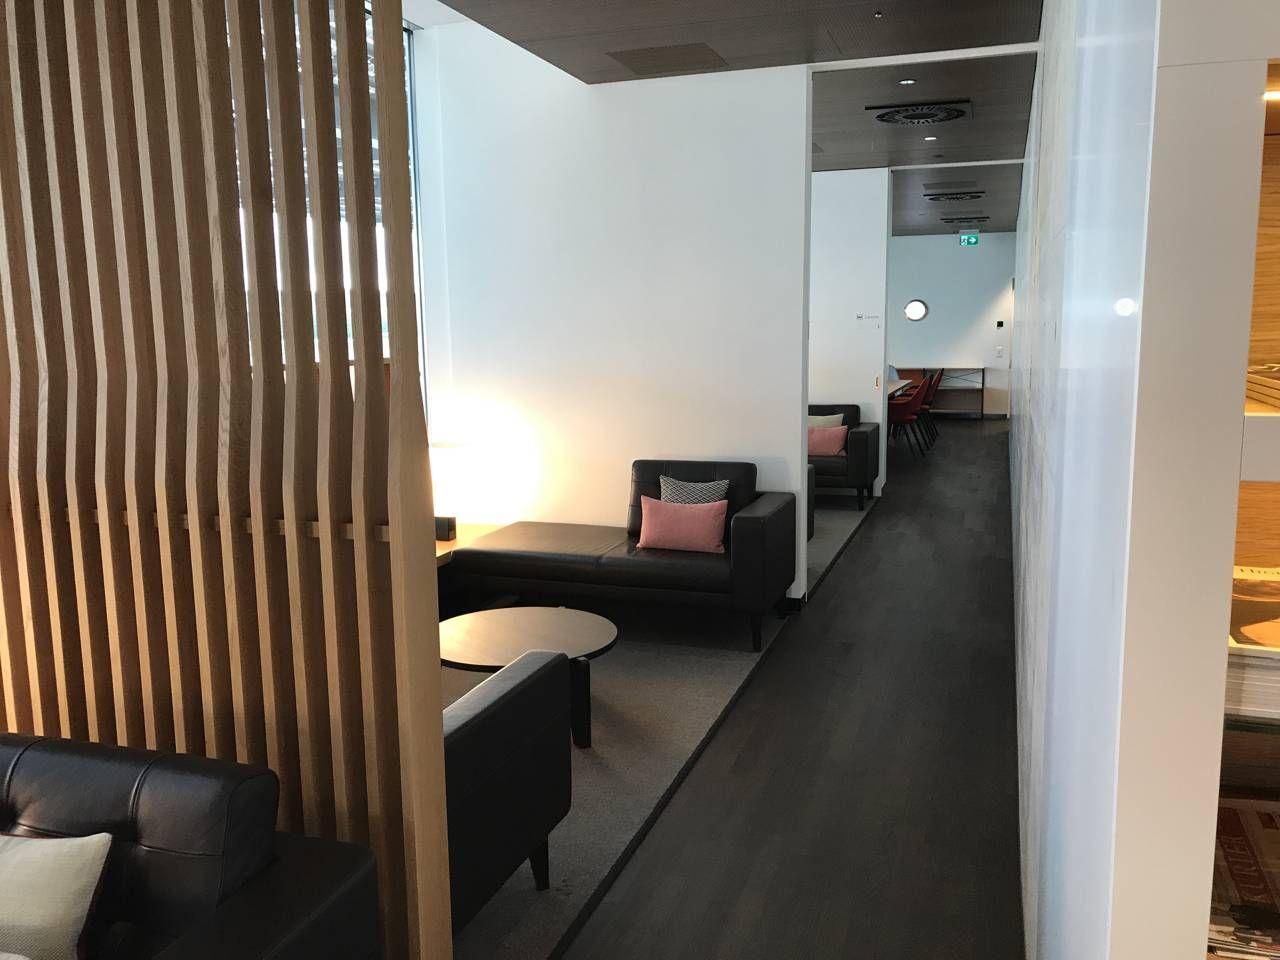 swiss-first-class-lounge-024